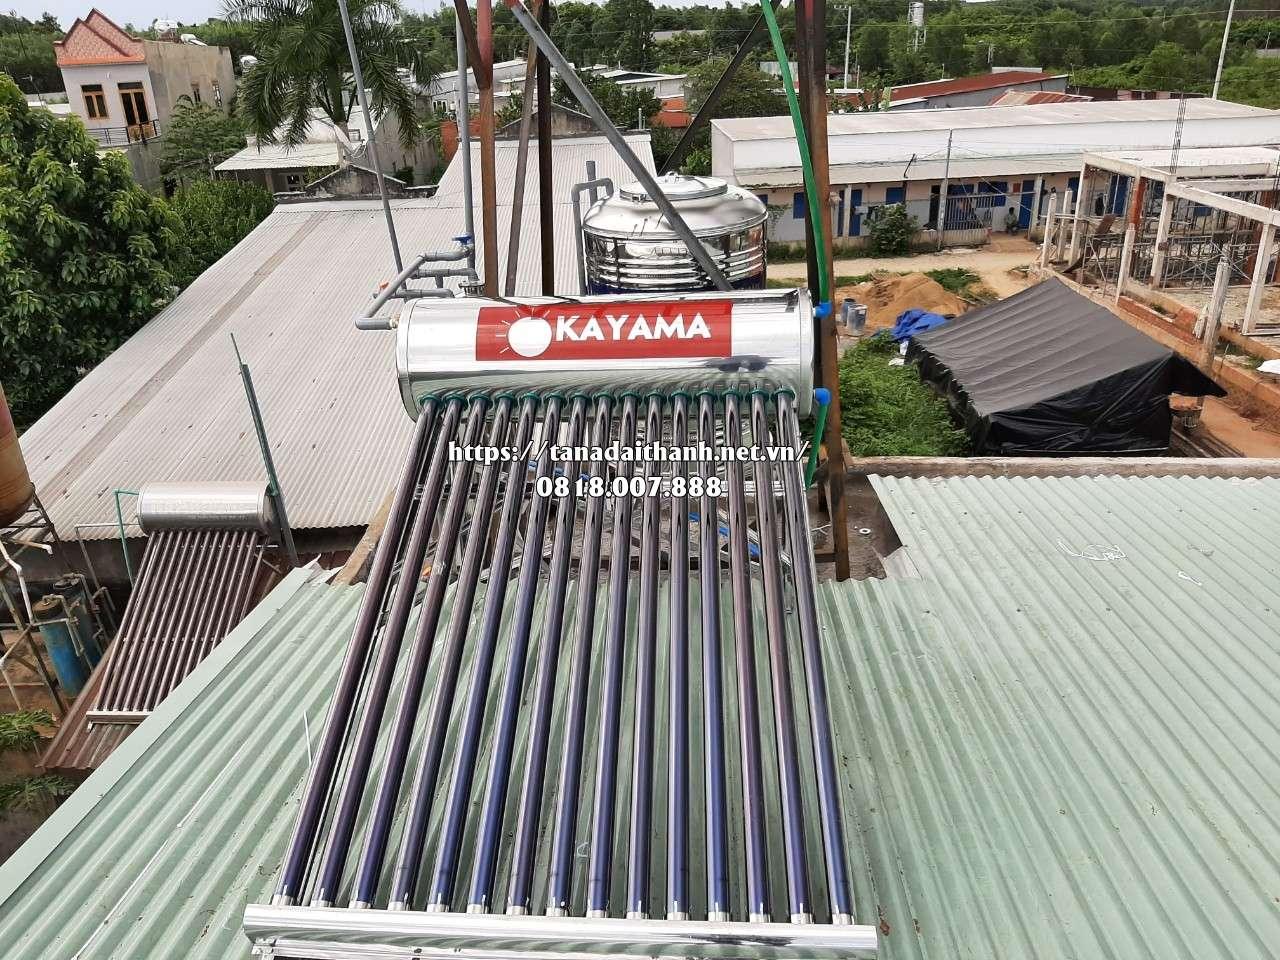 Bảng giá máy nước nóng năng lượng mặt trời Okayama